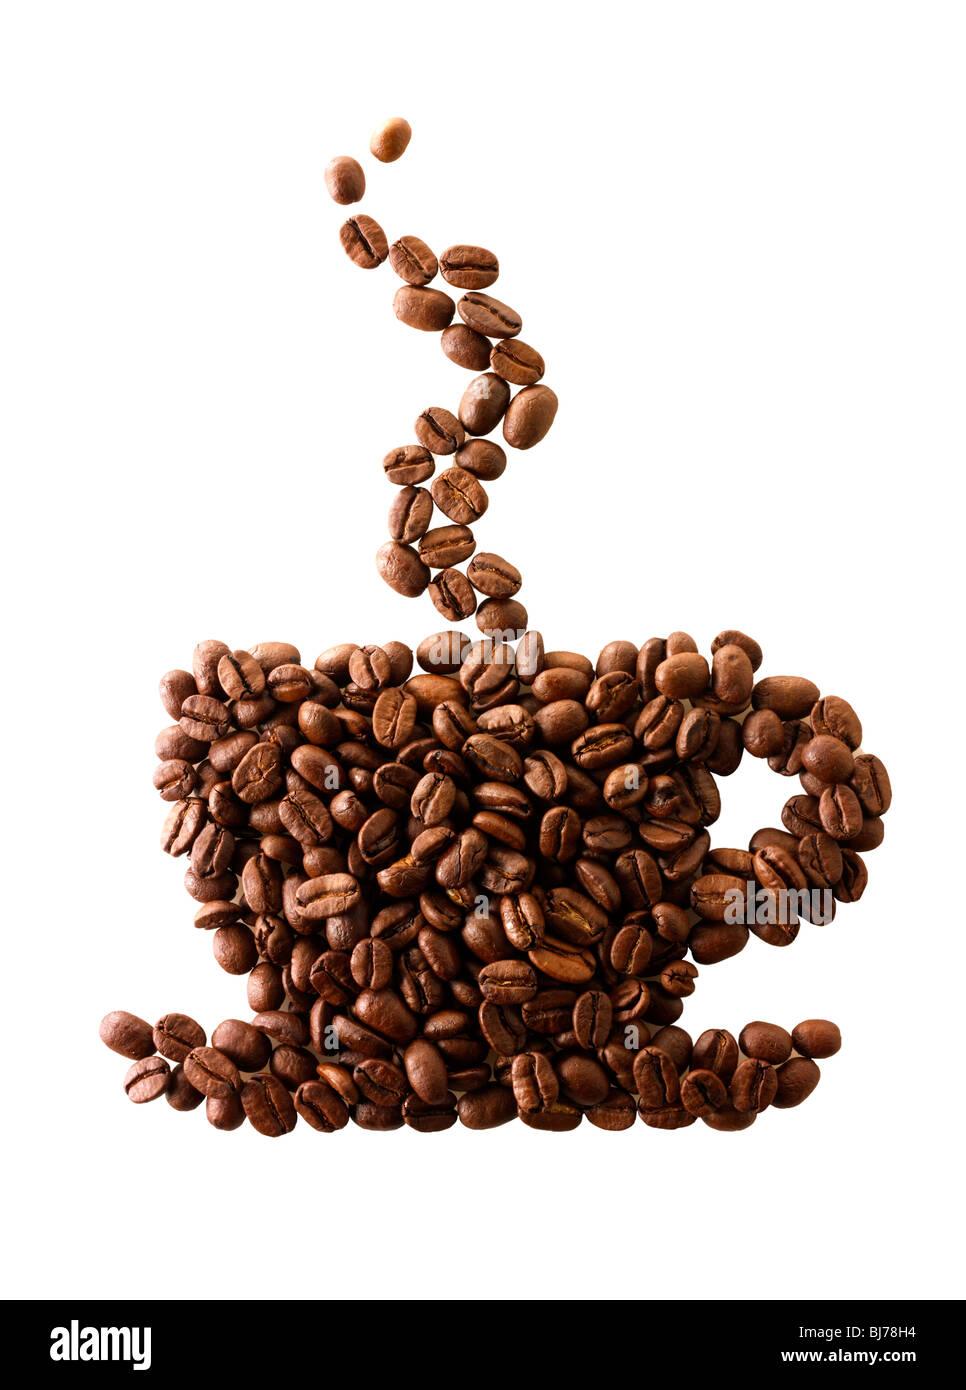 Grains de café dans la forme d'une tasse de café. Stock Photo Photo Stock